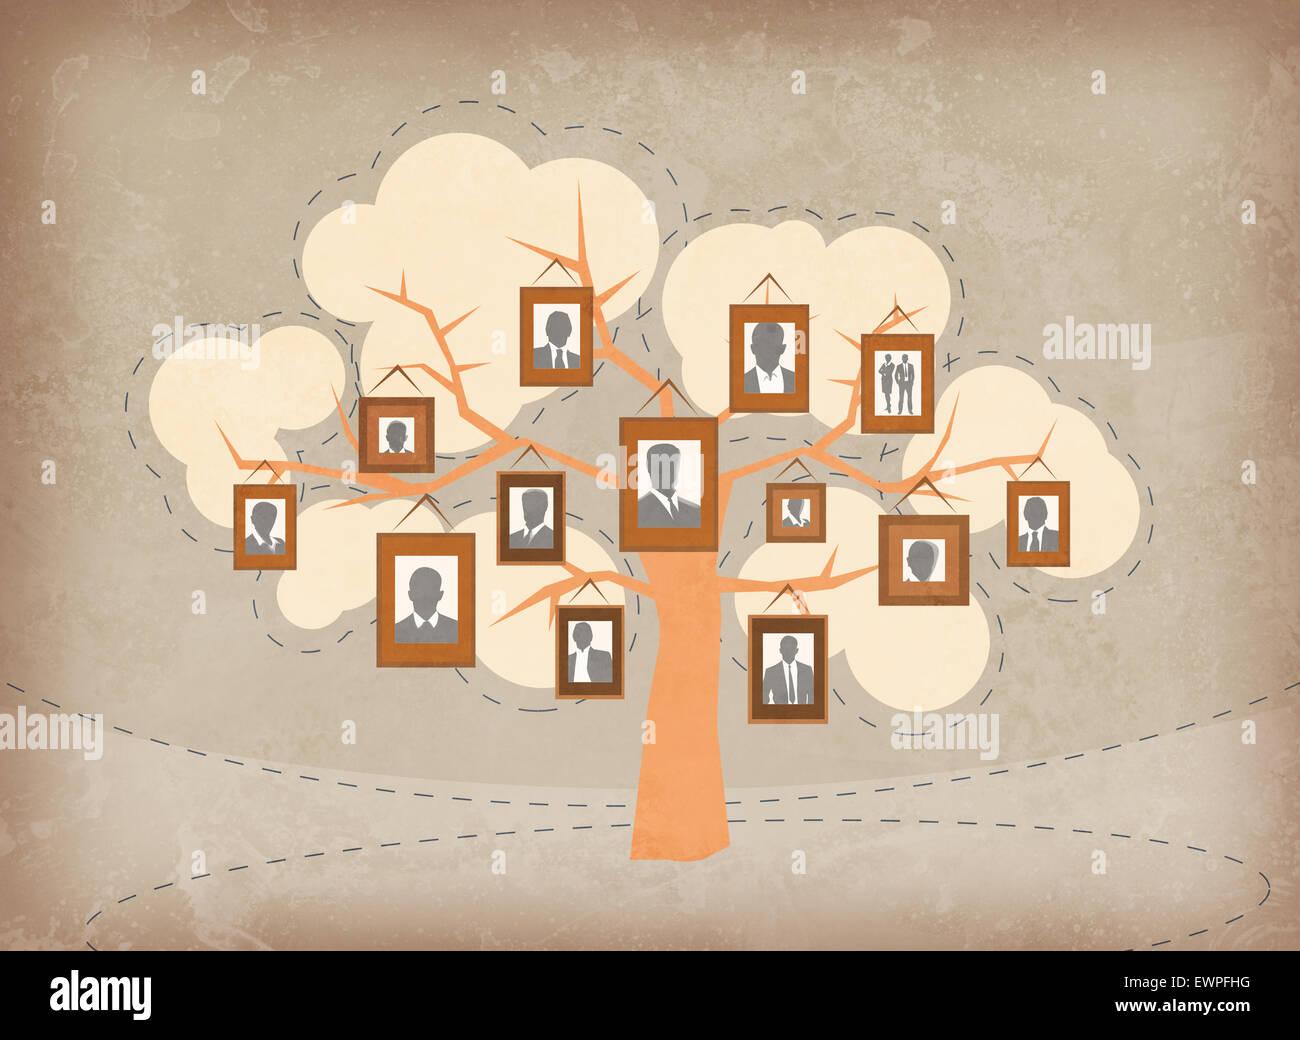 Immagine illustrativa della gente di affari attaccati ai rami di alberi che rappresentano la crescita e il lavoro Immagini Stock